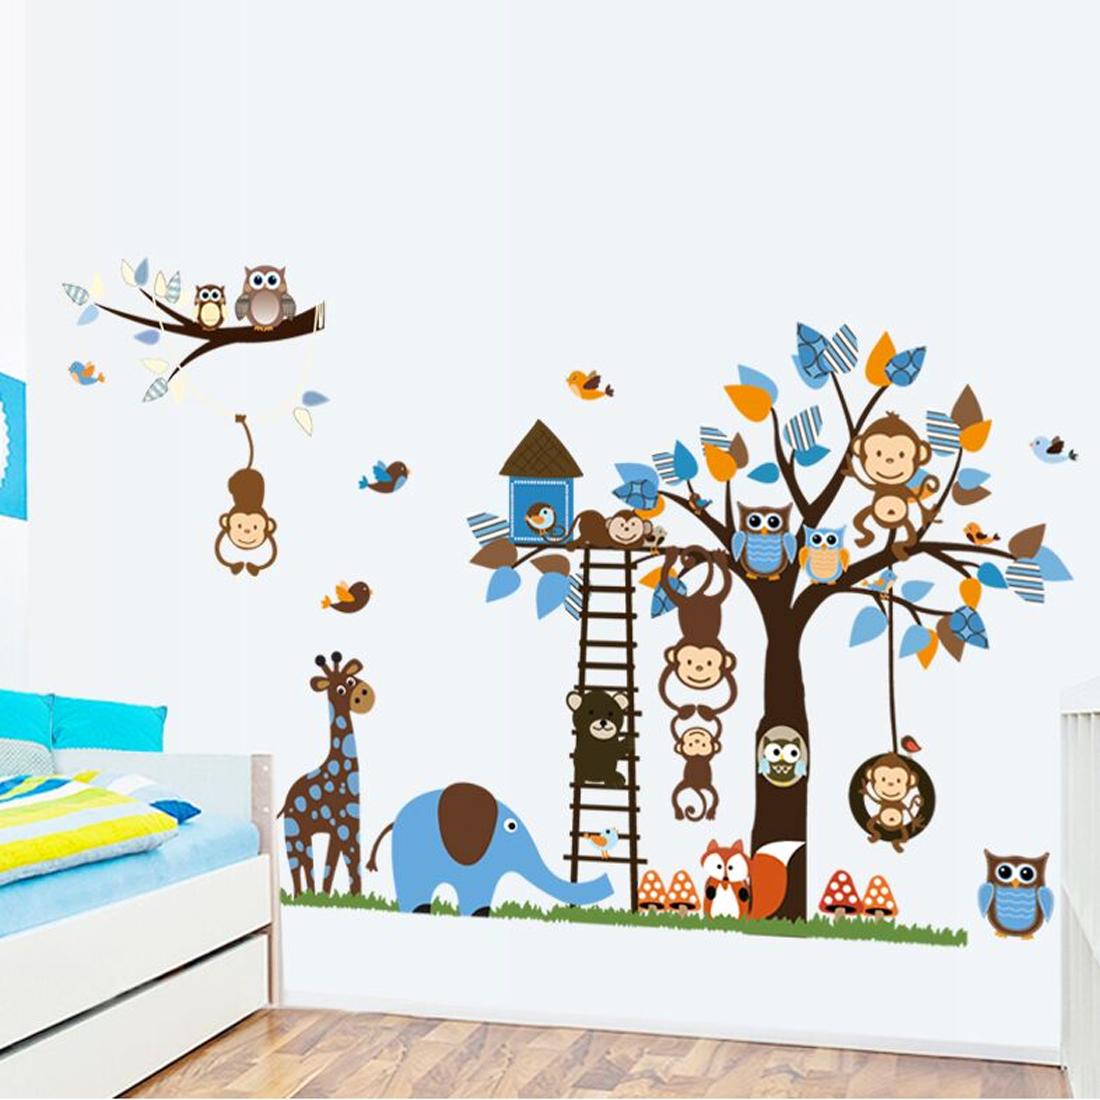 dieren muurstickers voor je woon, slaap en kinderkamer al vanaf € 4,95, Deco ideeën